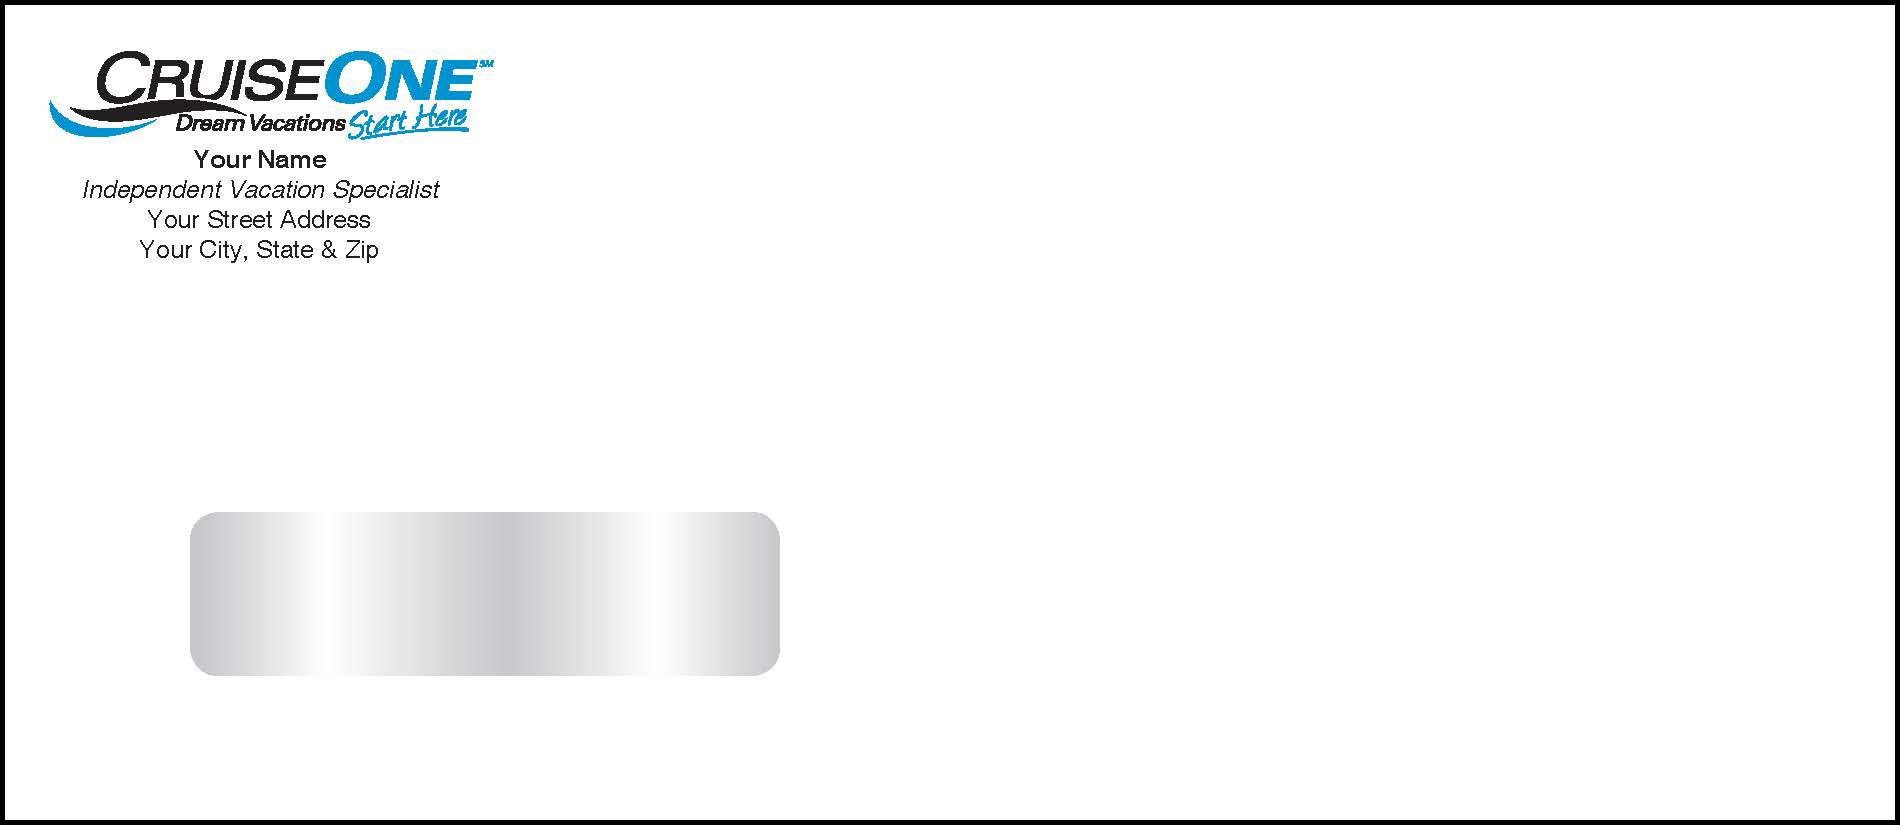 Envelopes - Window